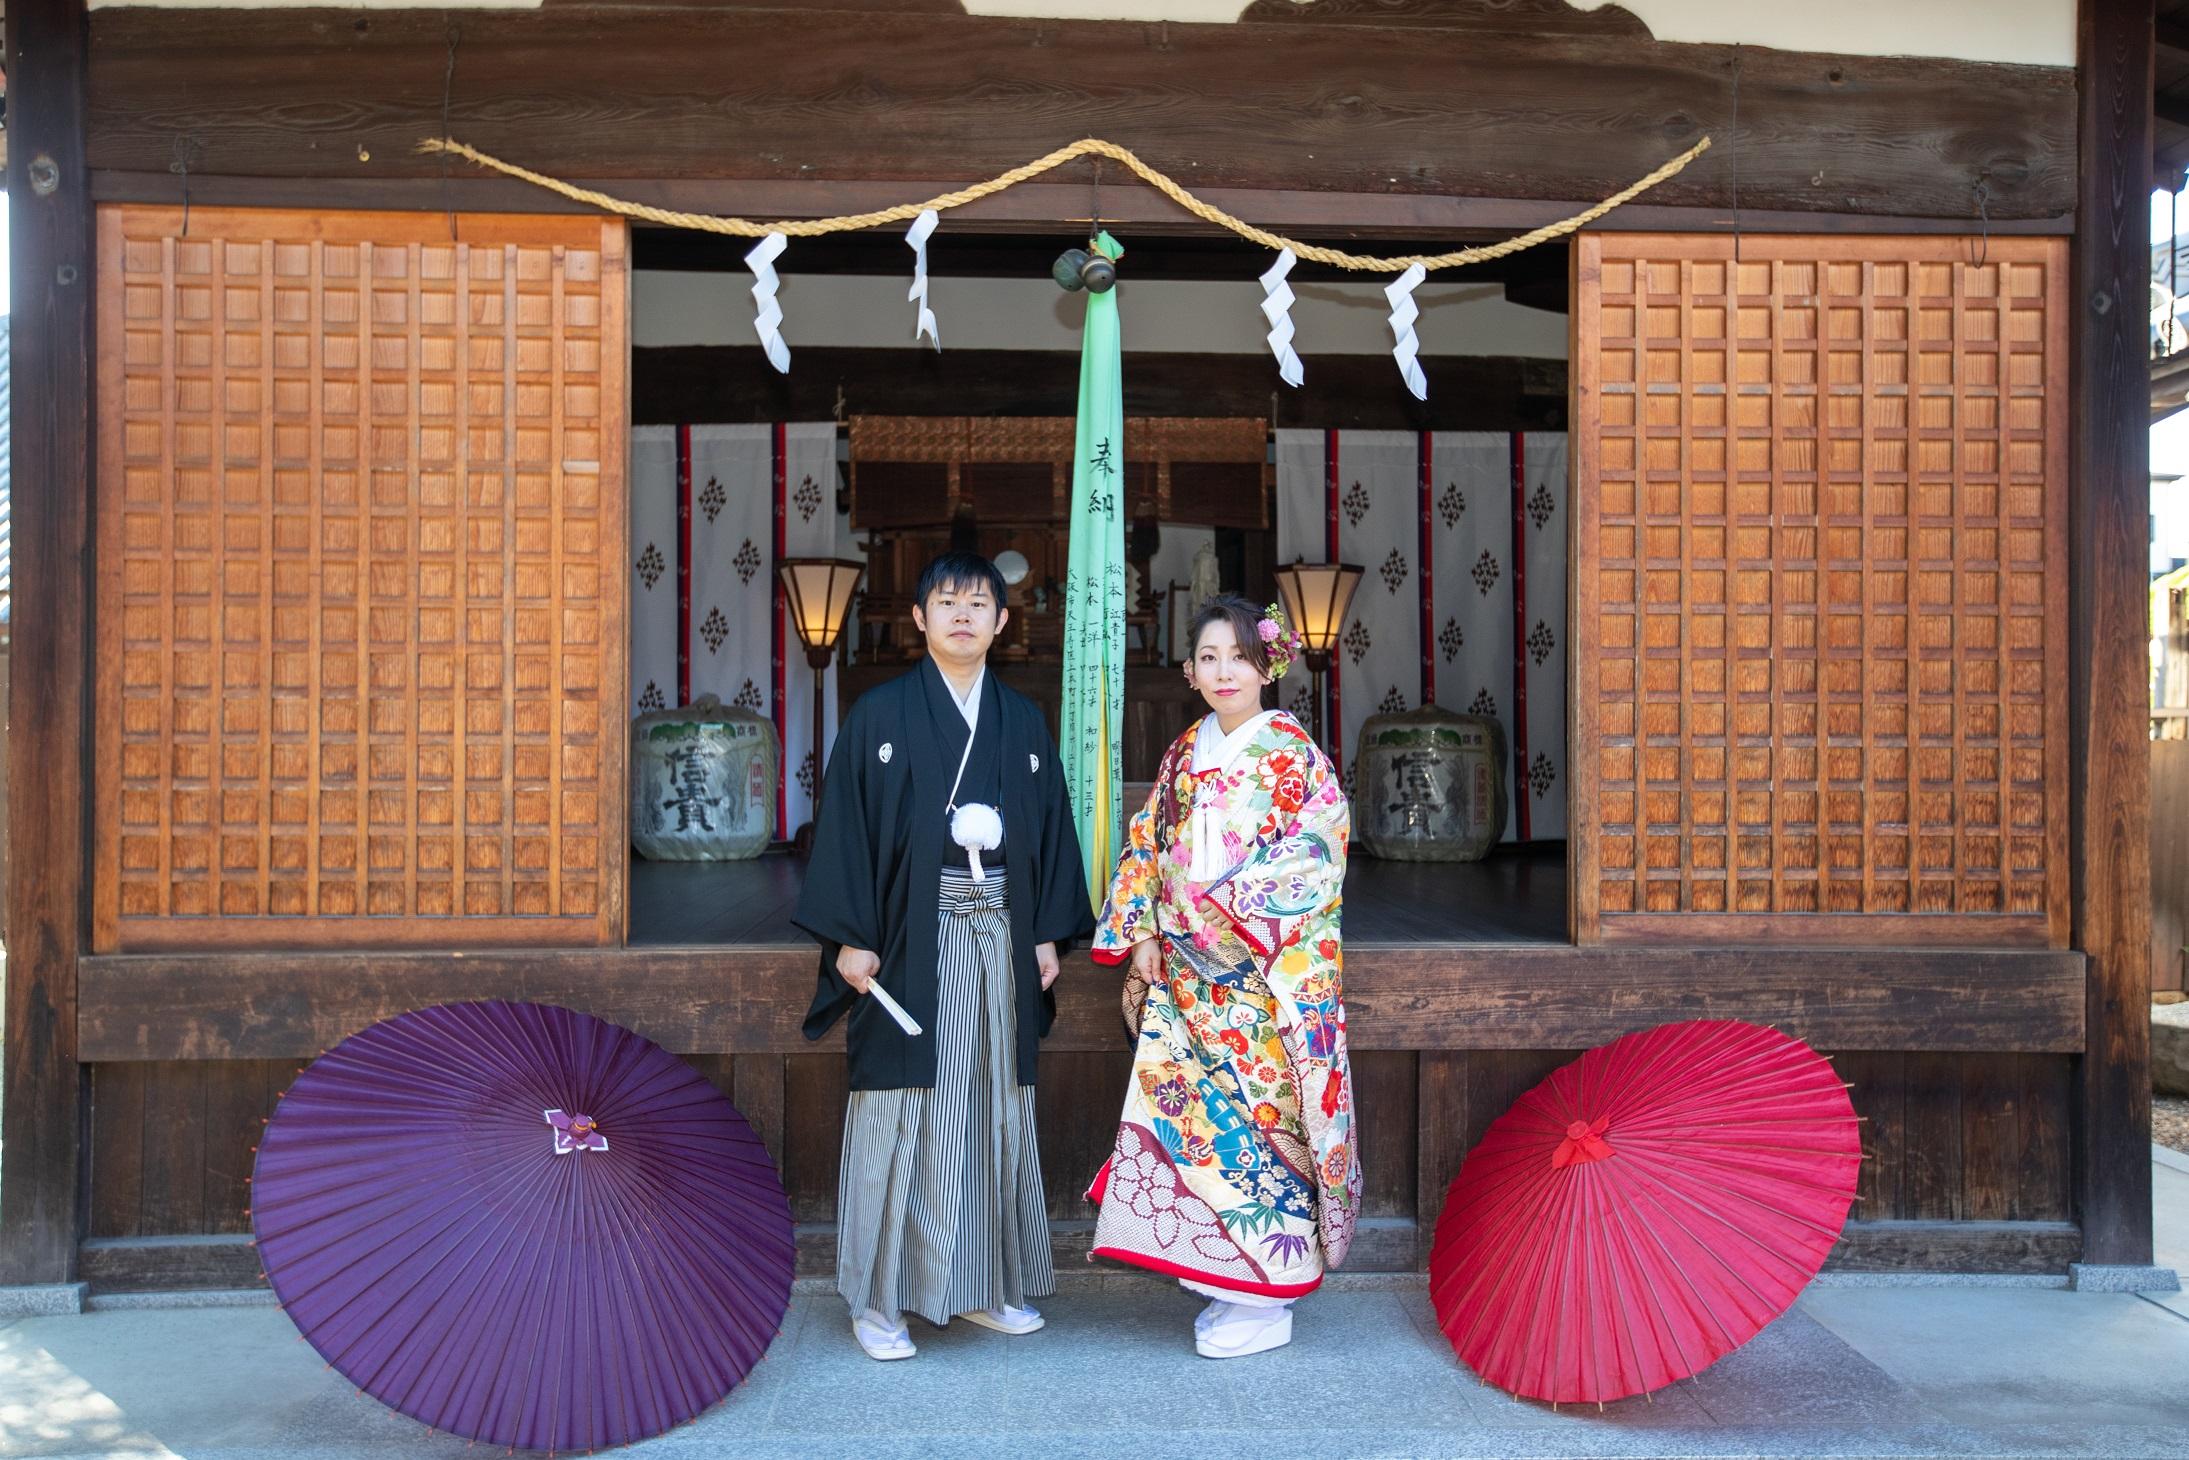 大和郡山市 薬園八幡神社にてご結婚式 2019.11.2 写真